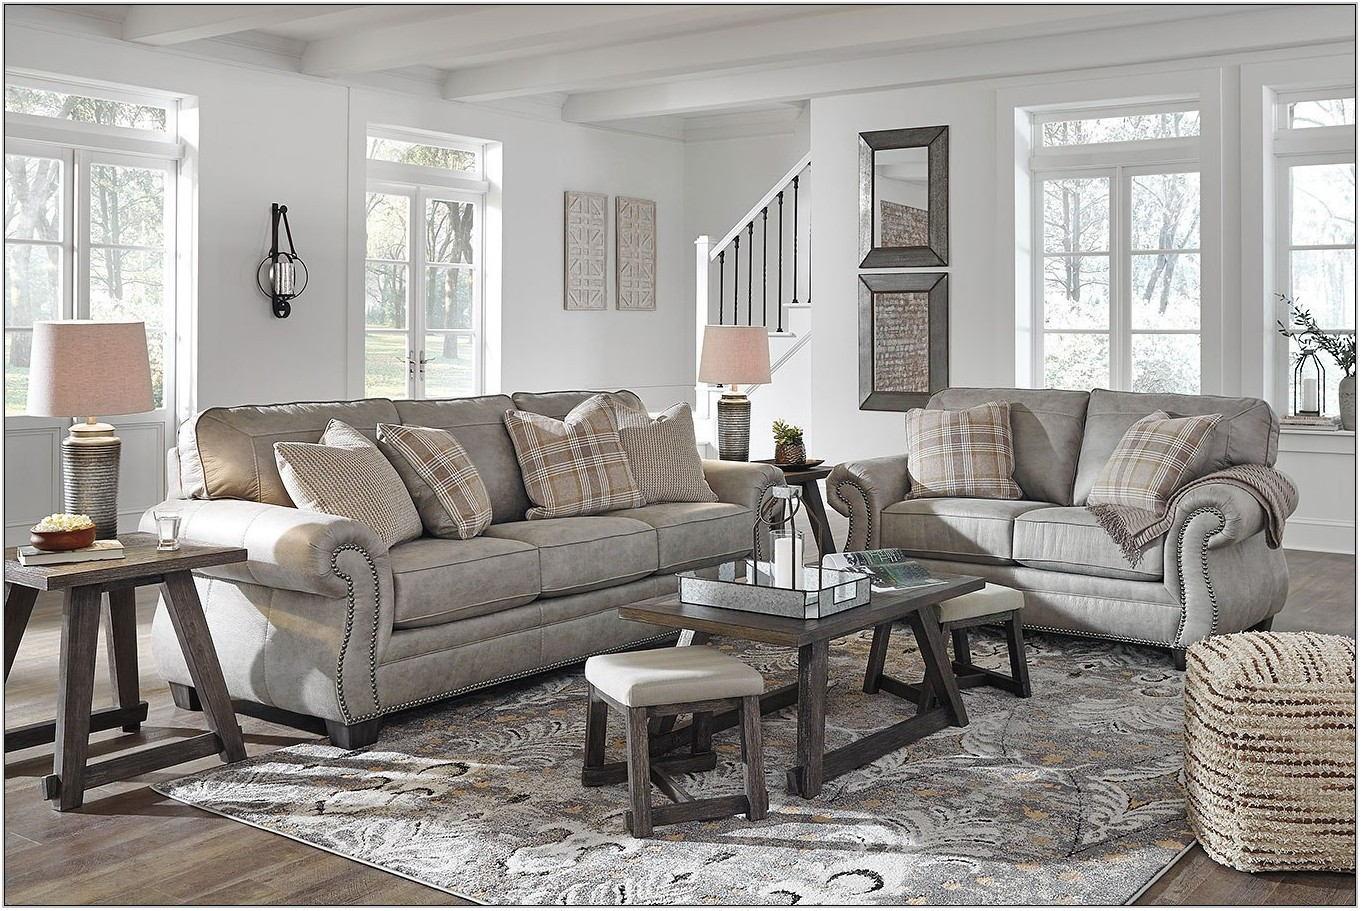 Olsberg Steel Living Room Set